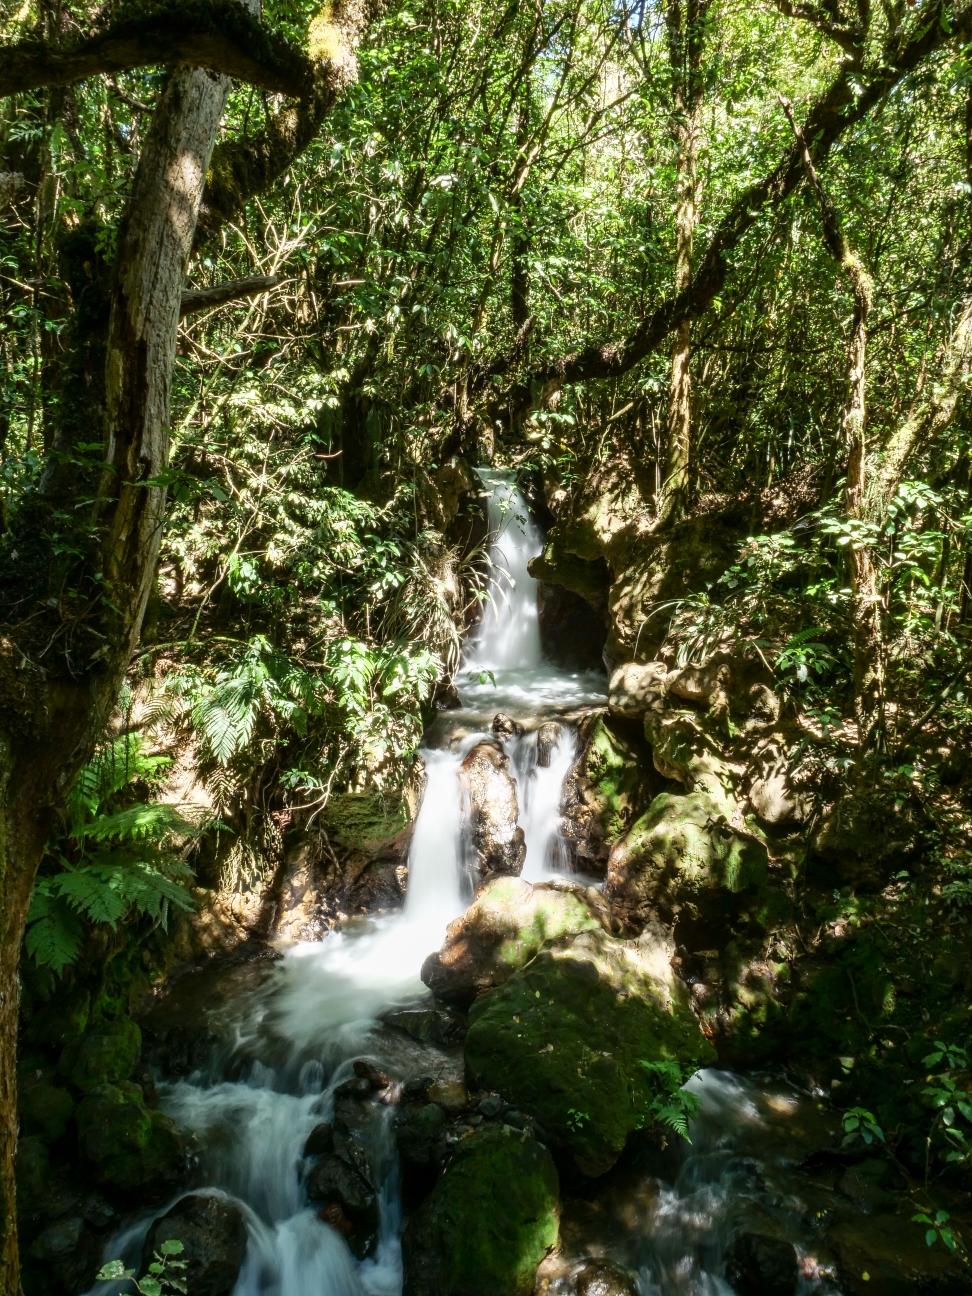 An einem kleinen Wasserfall ging es auch vorbei. So langsam finde ich gefallen an Wasserfallfotos